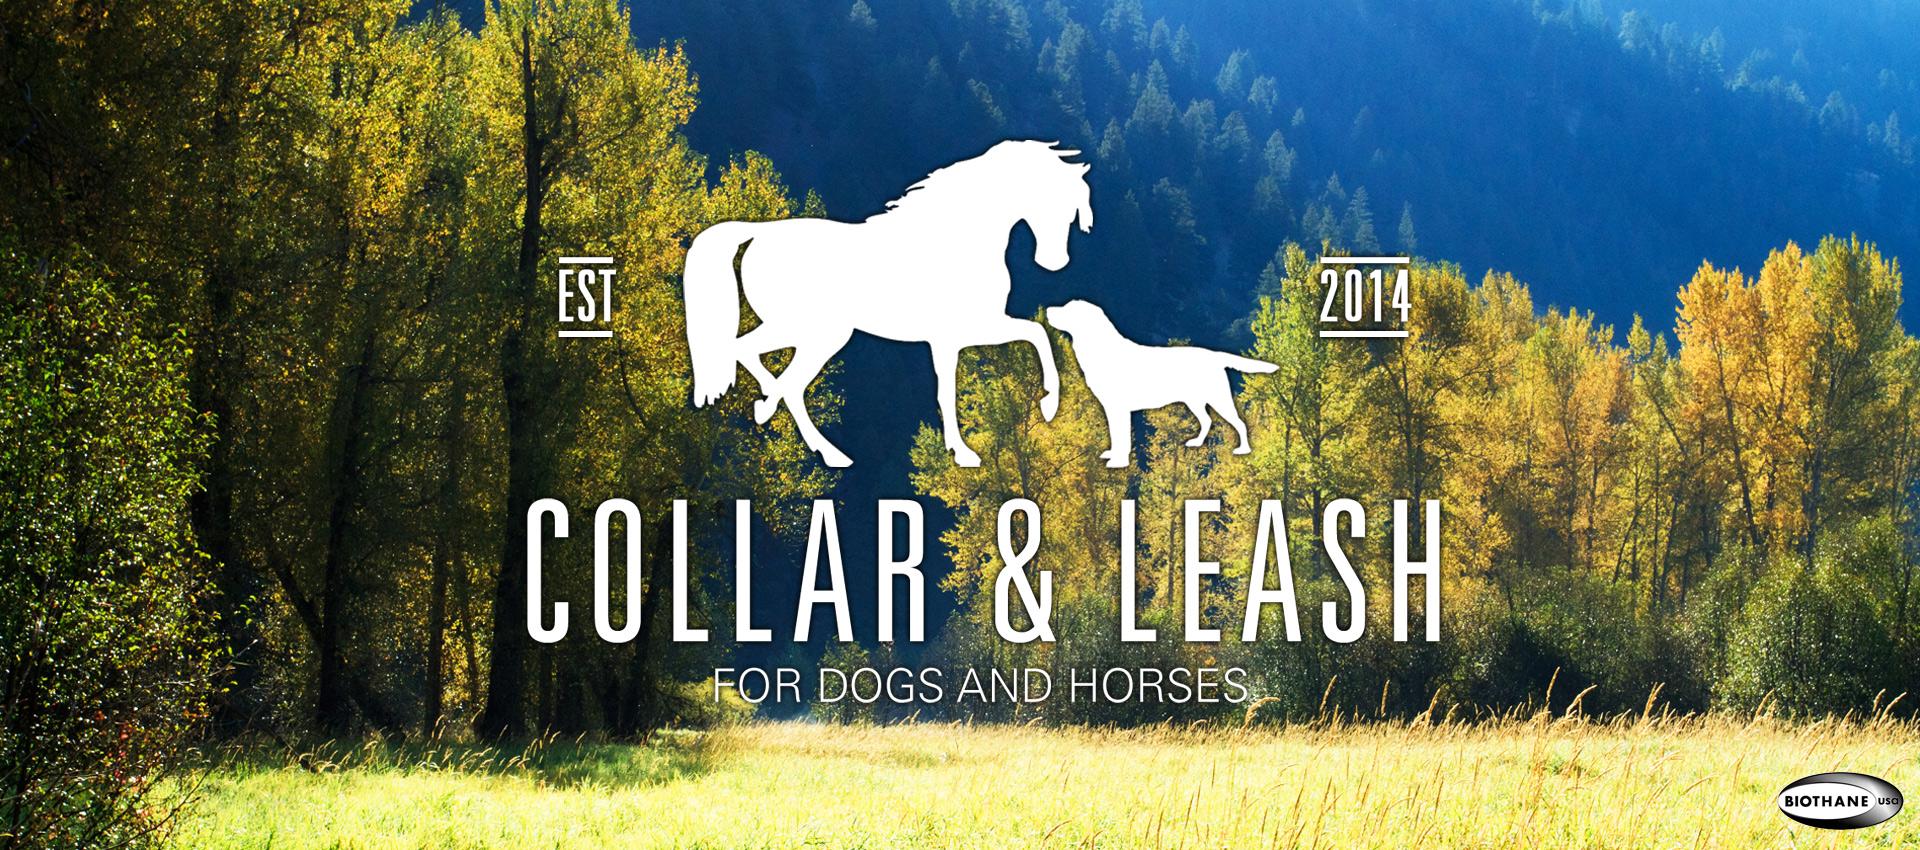 Collarandleash Hintergrundbild für die Homepage